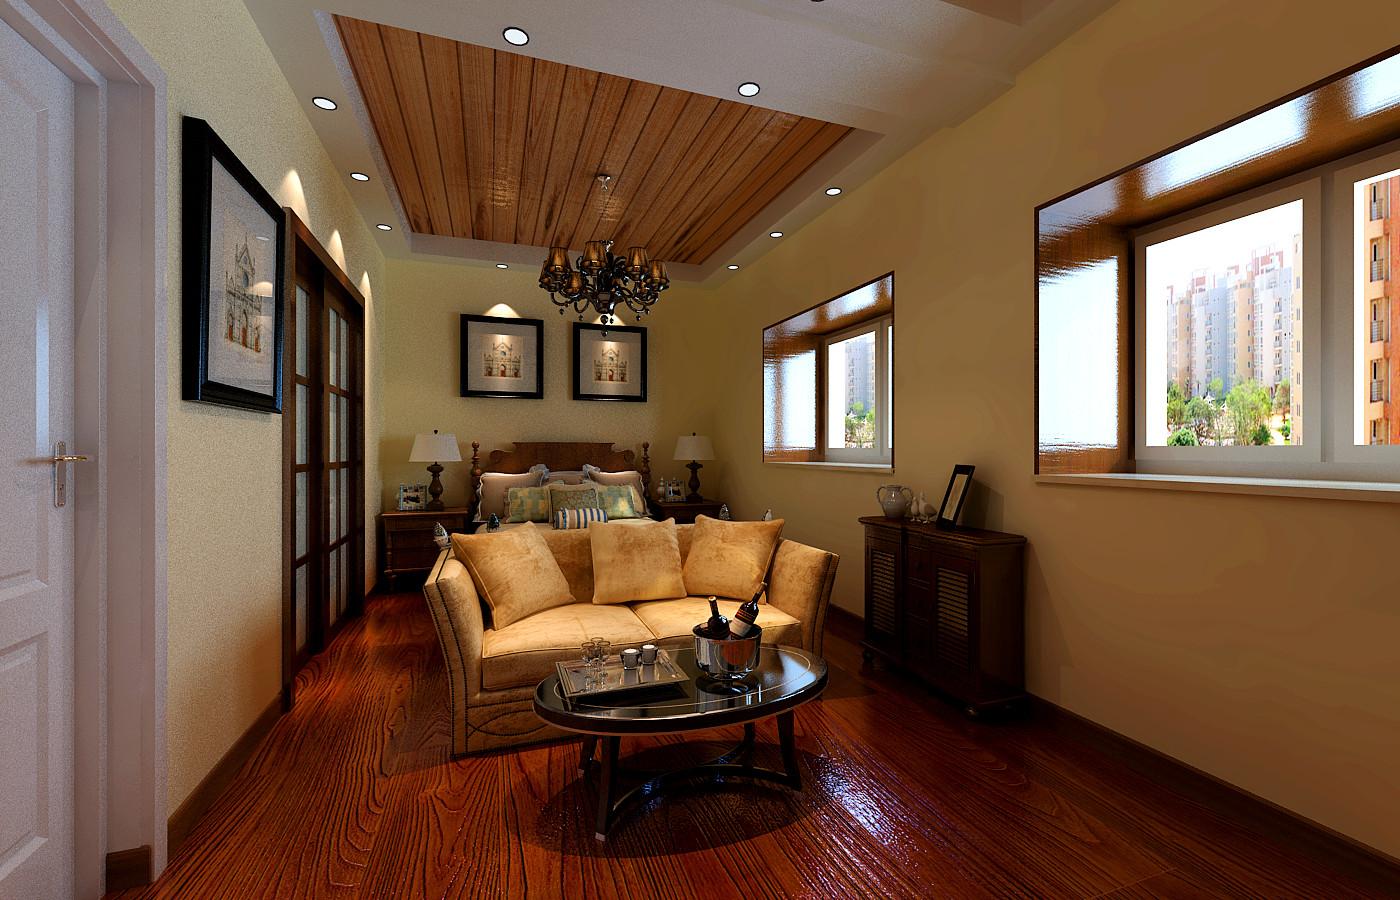 客厅图片来自瑞家装饰小庞在星河丹堤A区—传统与现代的结合的分享